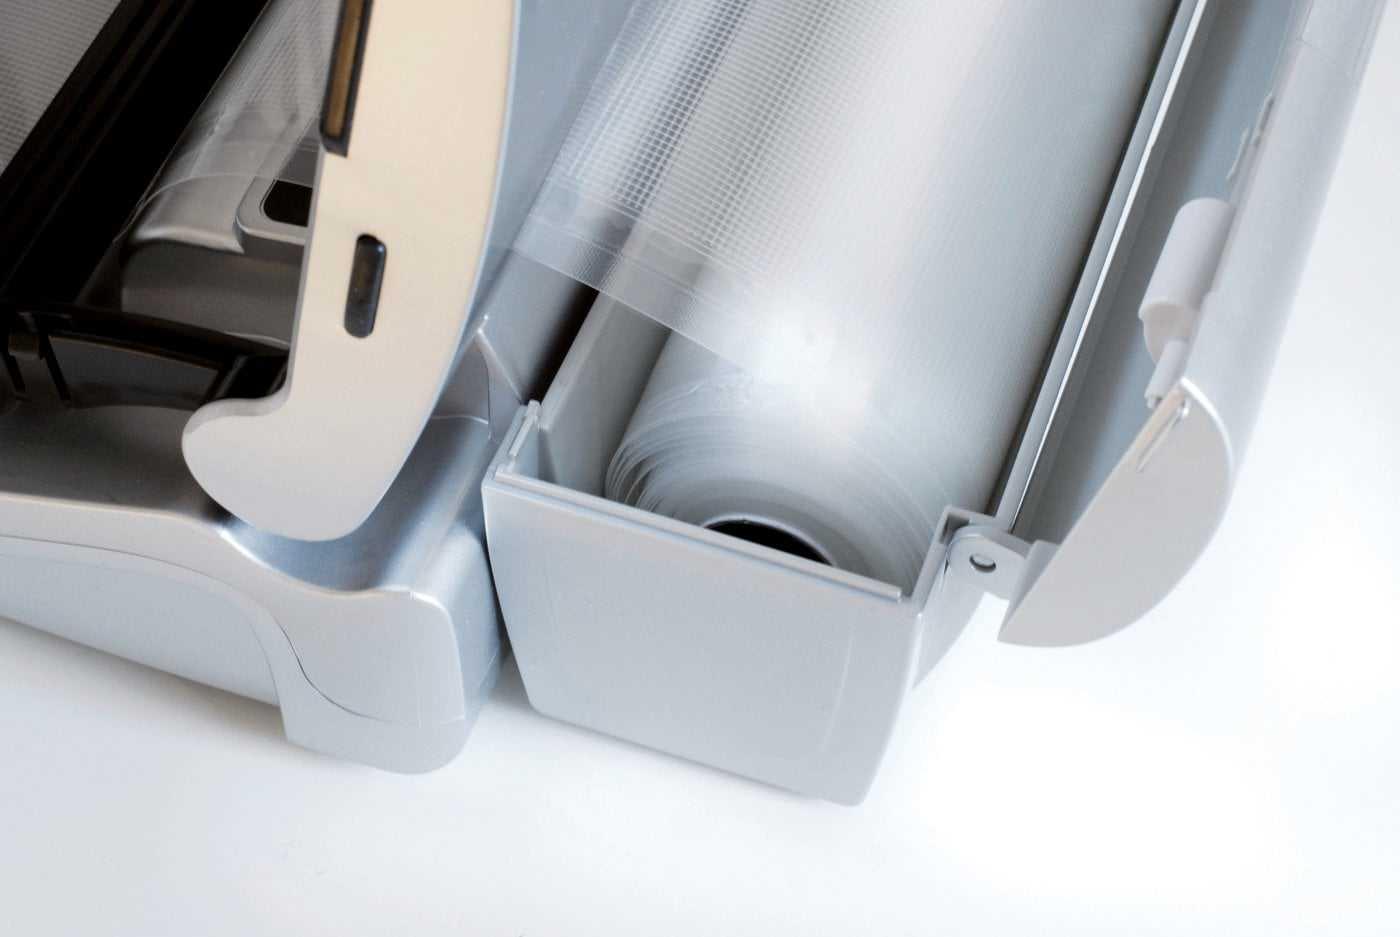 CASO VC350 edelstahl | vollautomatisches Vakuumiersystem zum Vakuumieren Ihrer Lebensmittel